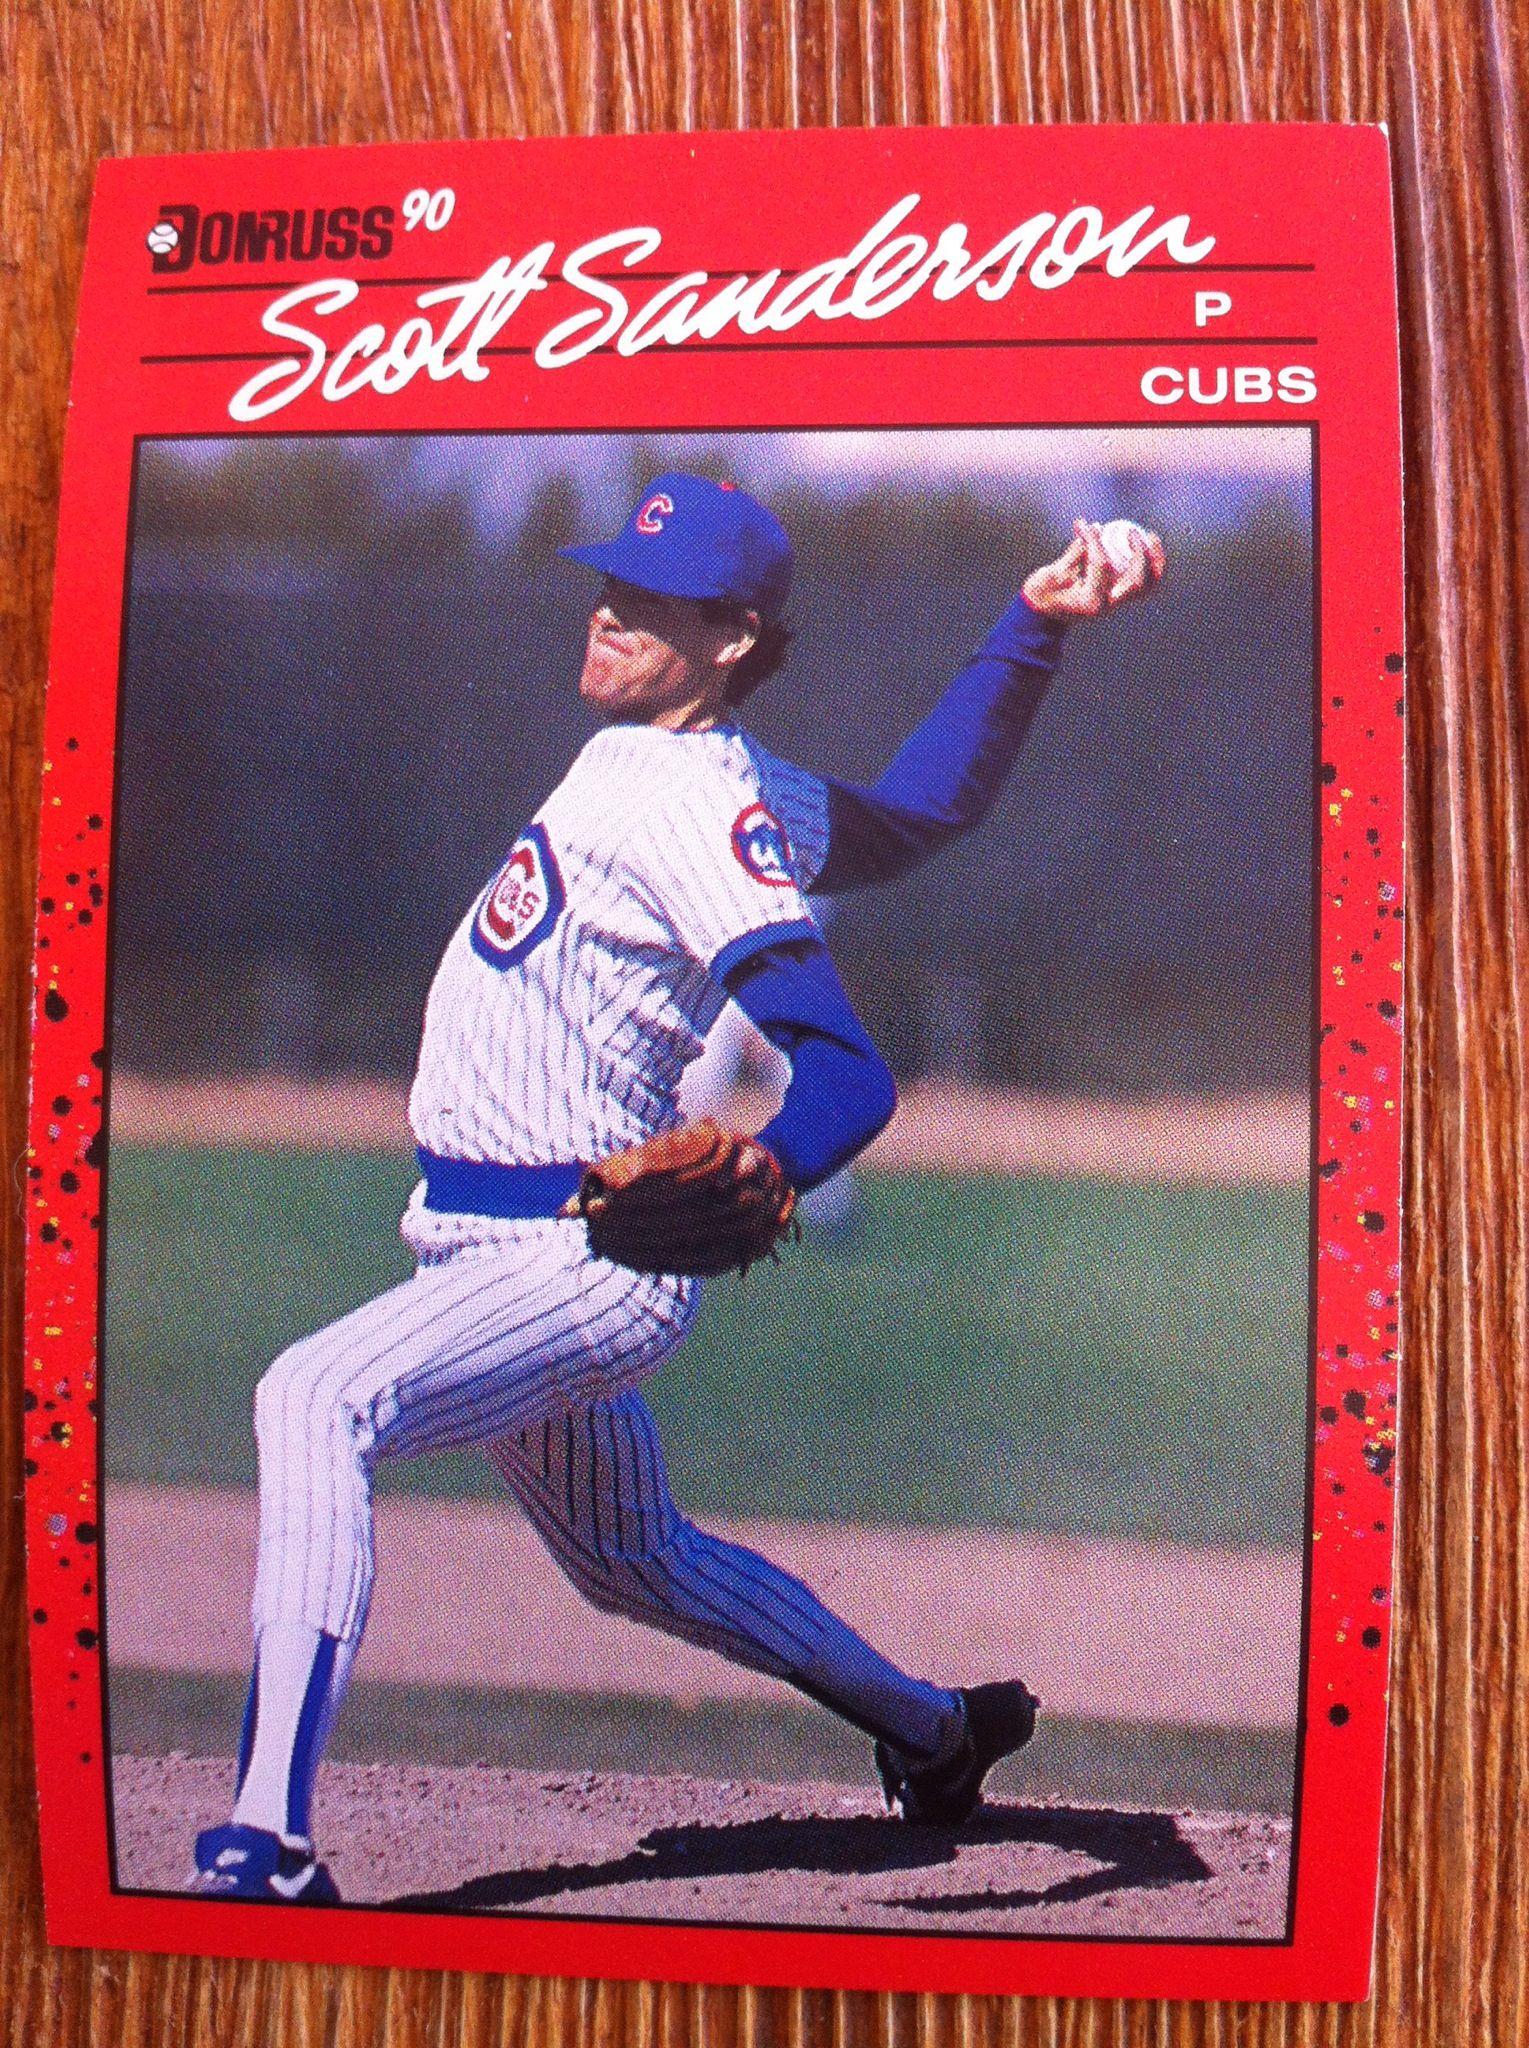 Scott Sanderson Baseball Cards Old Baseball Cards Baseball